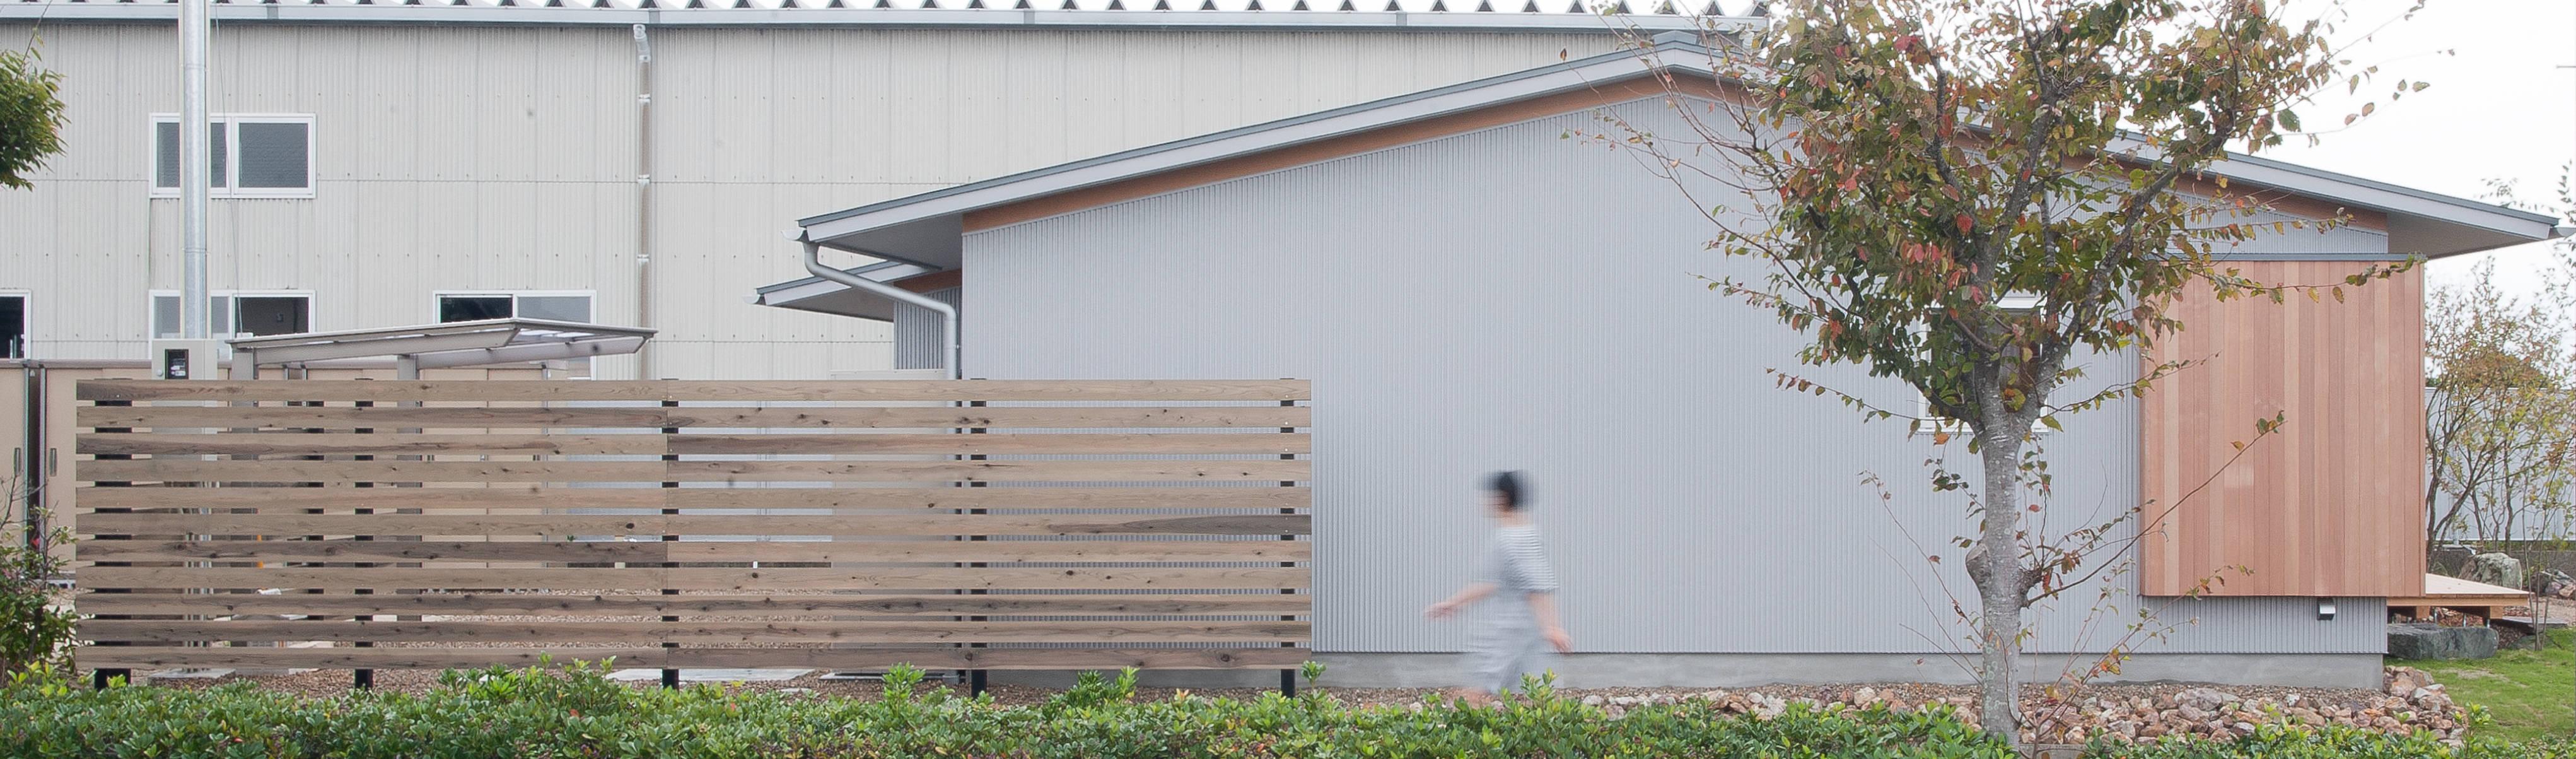 横山浩之建築設計事務所